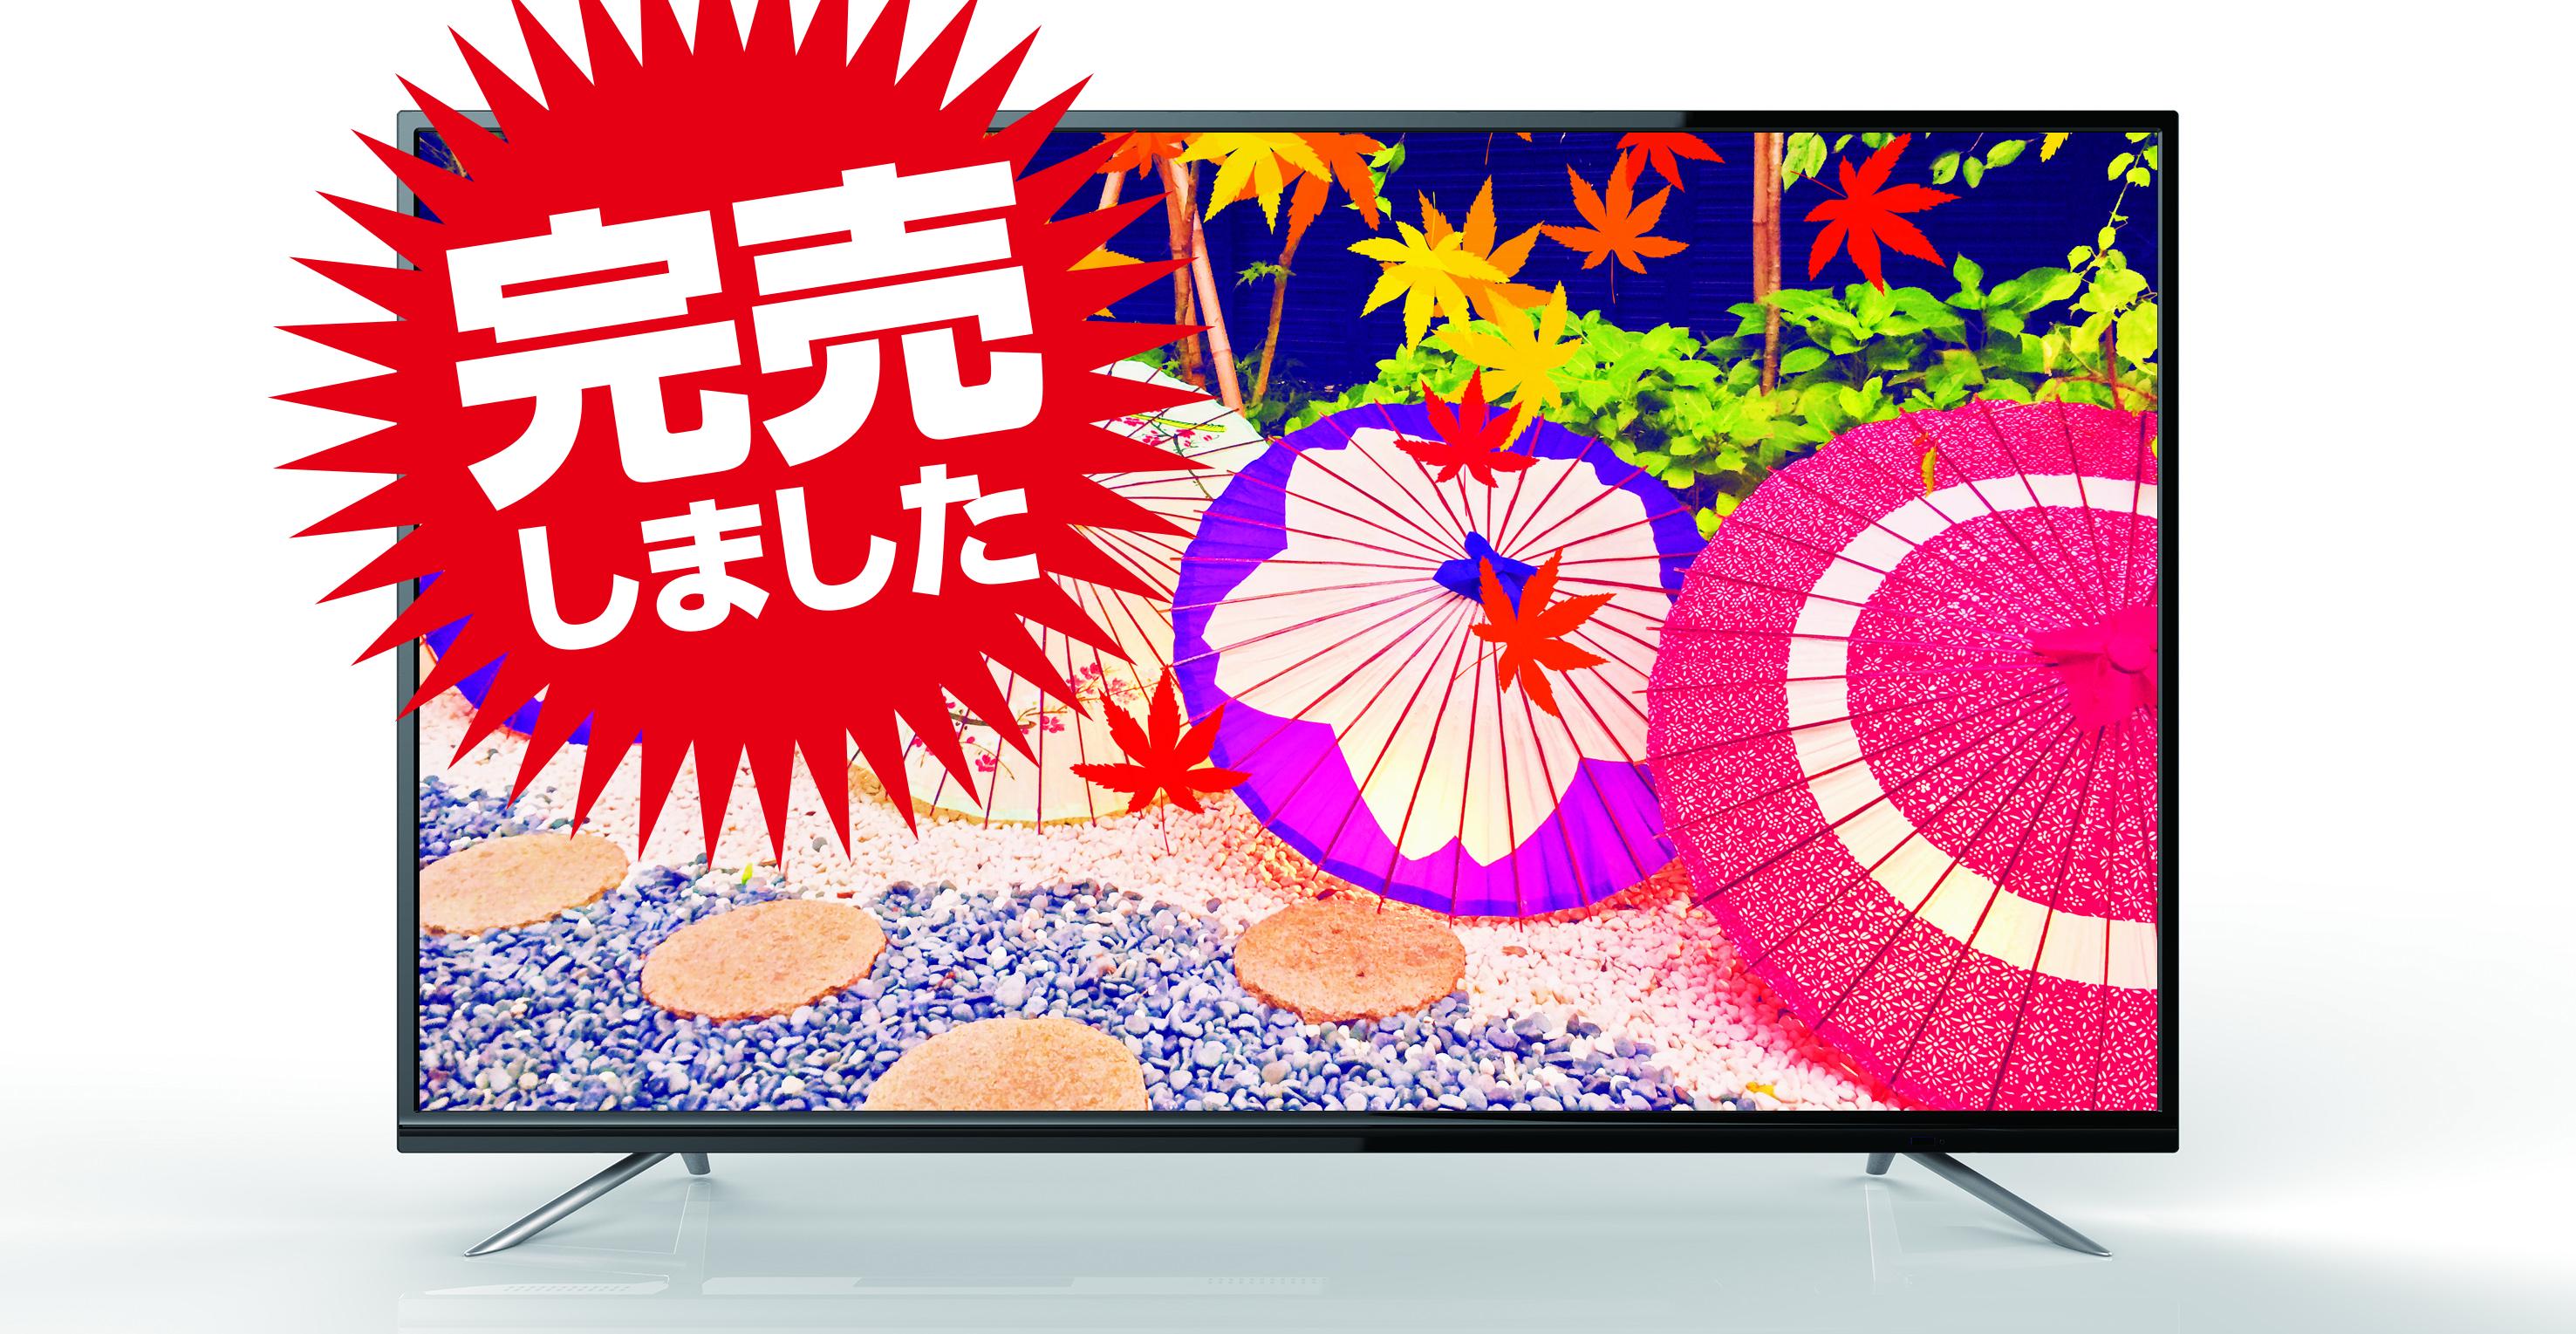 地上・BS/CSデジタル 4K対応 液晶テレビ(49V型)LCK4903S ※5台限定画像